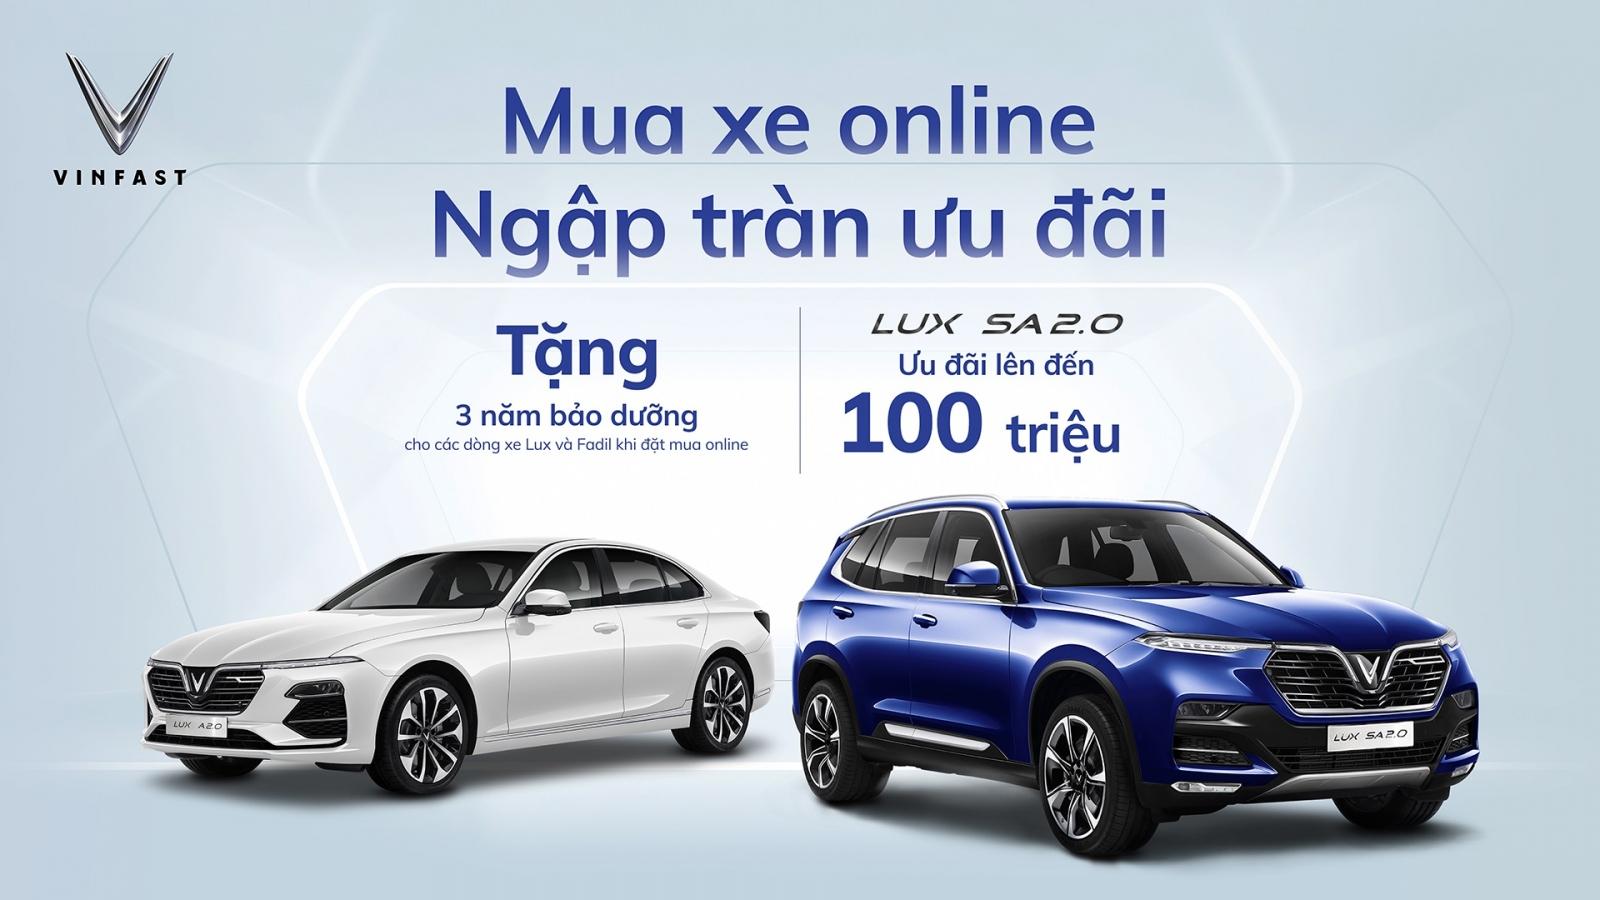 VinFast thiết lập chuẩn mới trong kinh doanh ô tô trực tuyến tại Việt Nam